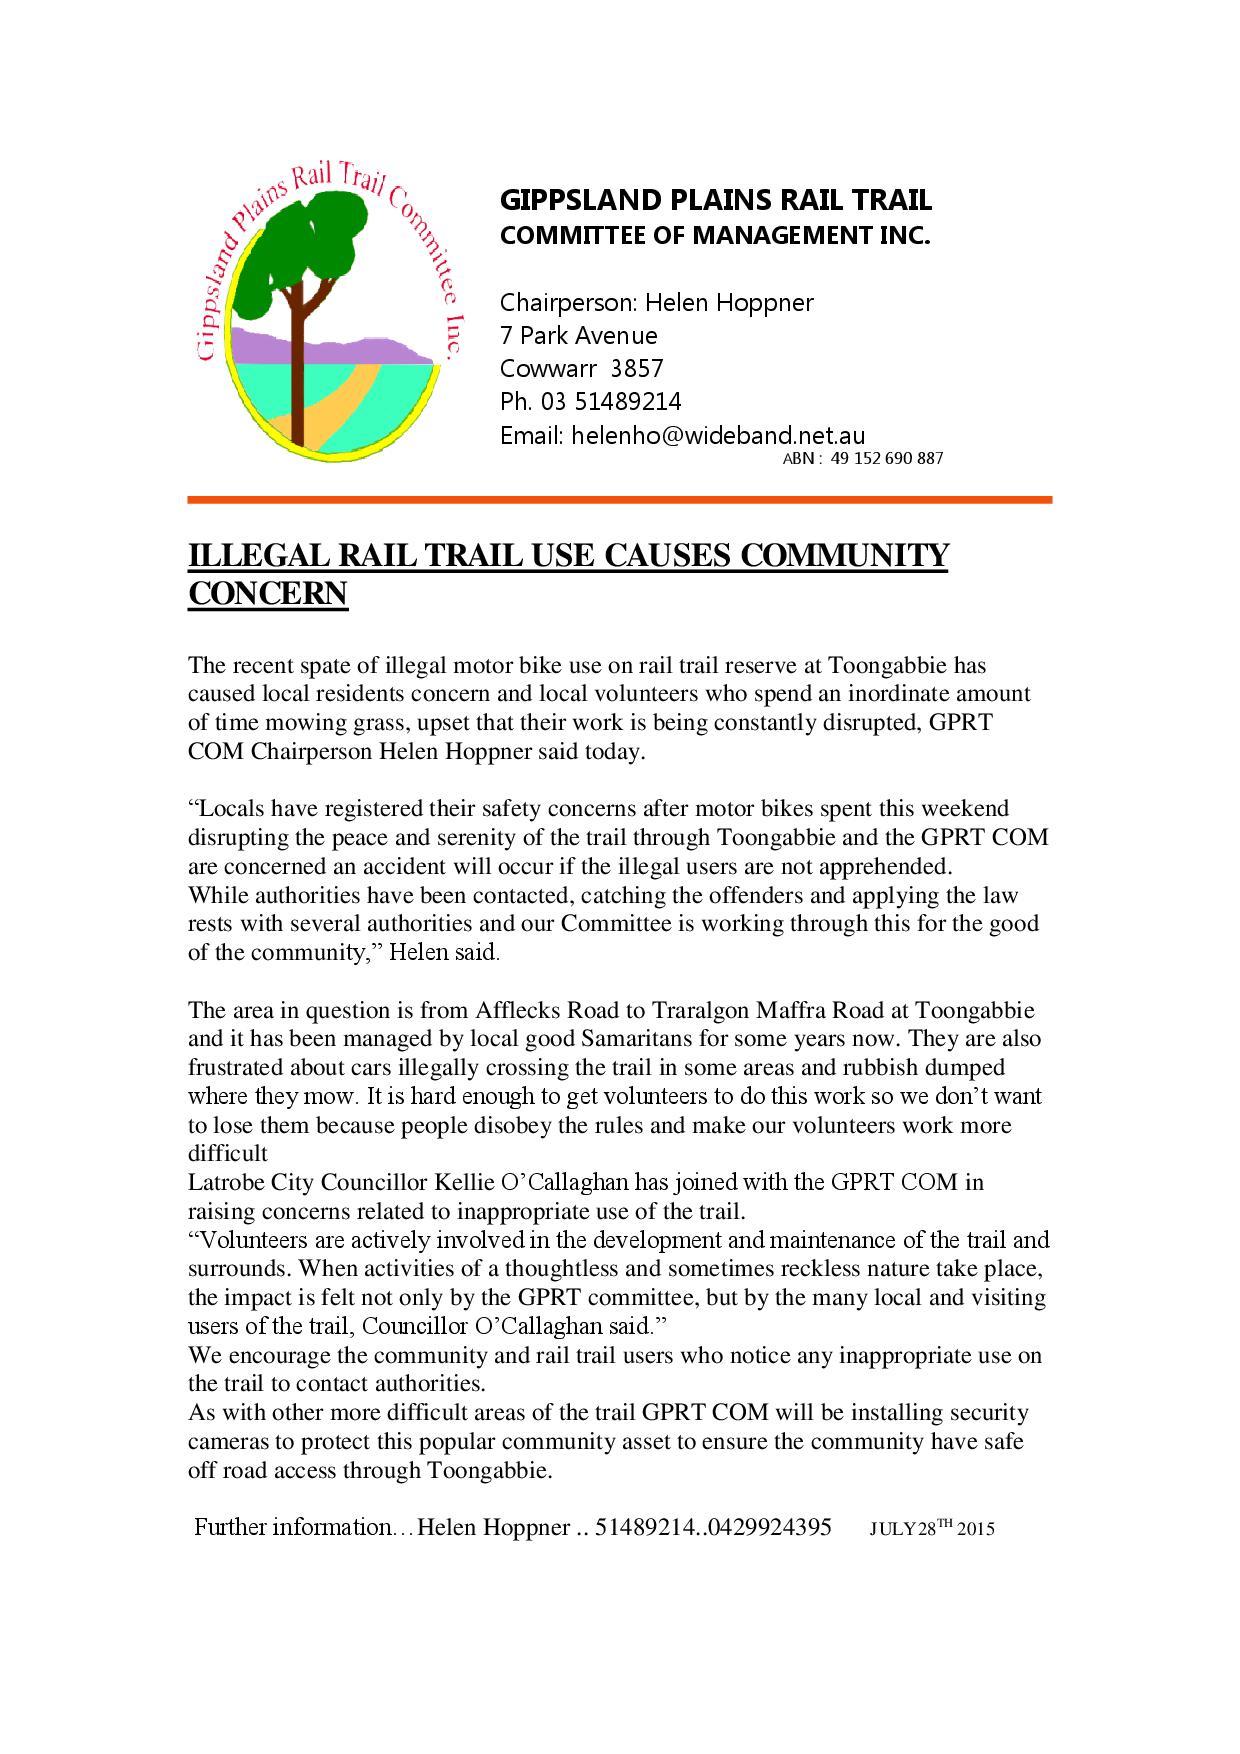 Press Release 28 July, 2015